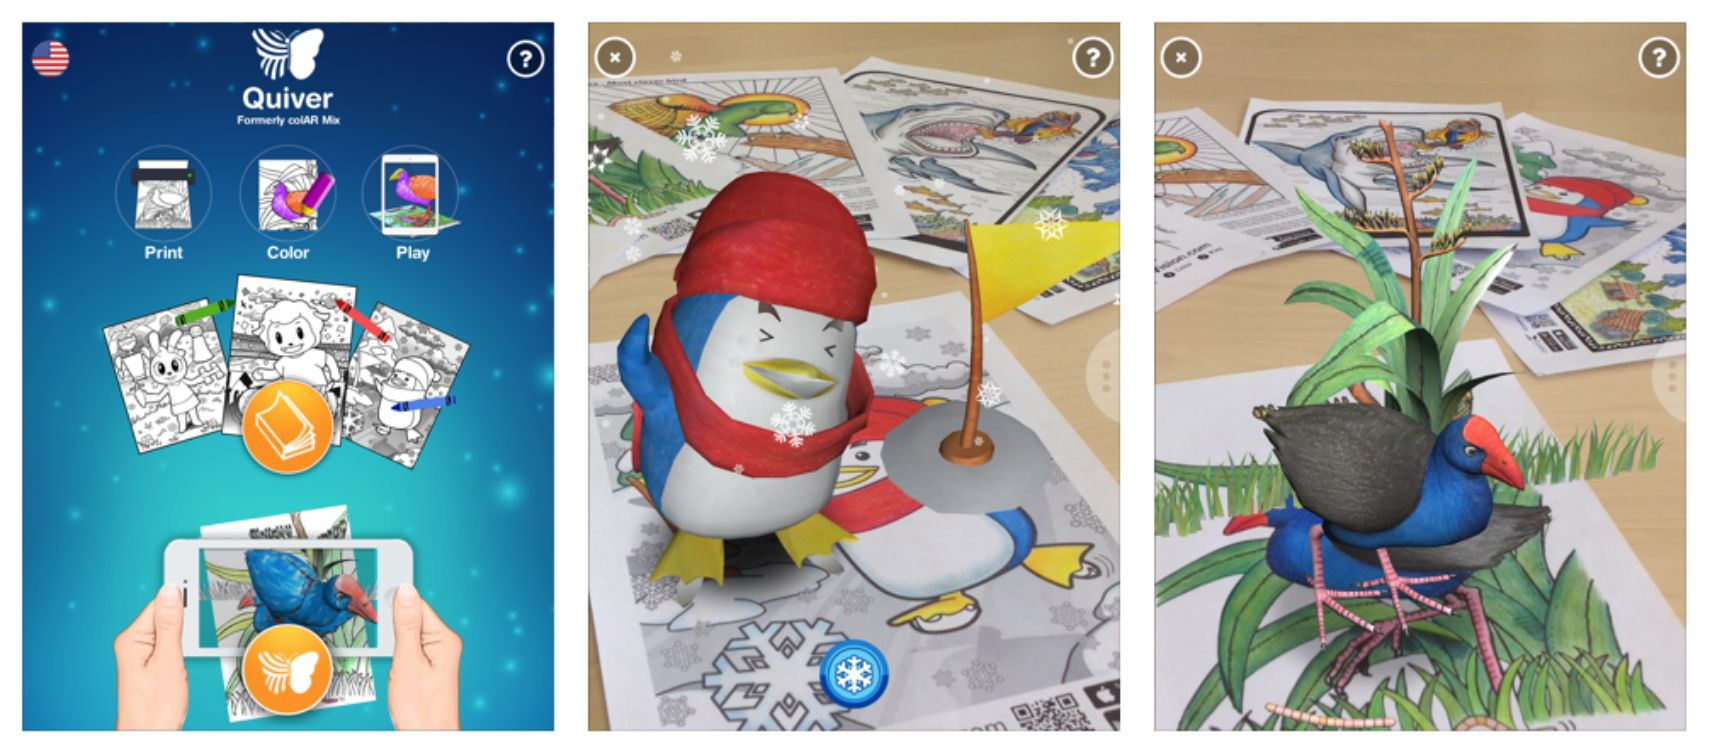 aplicación quiver con realidad aumentada para niños